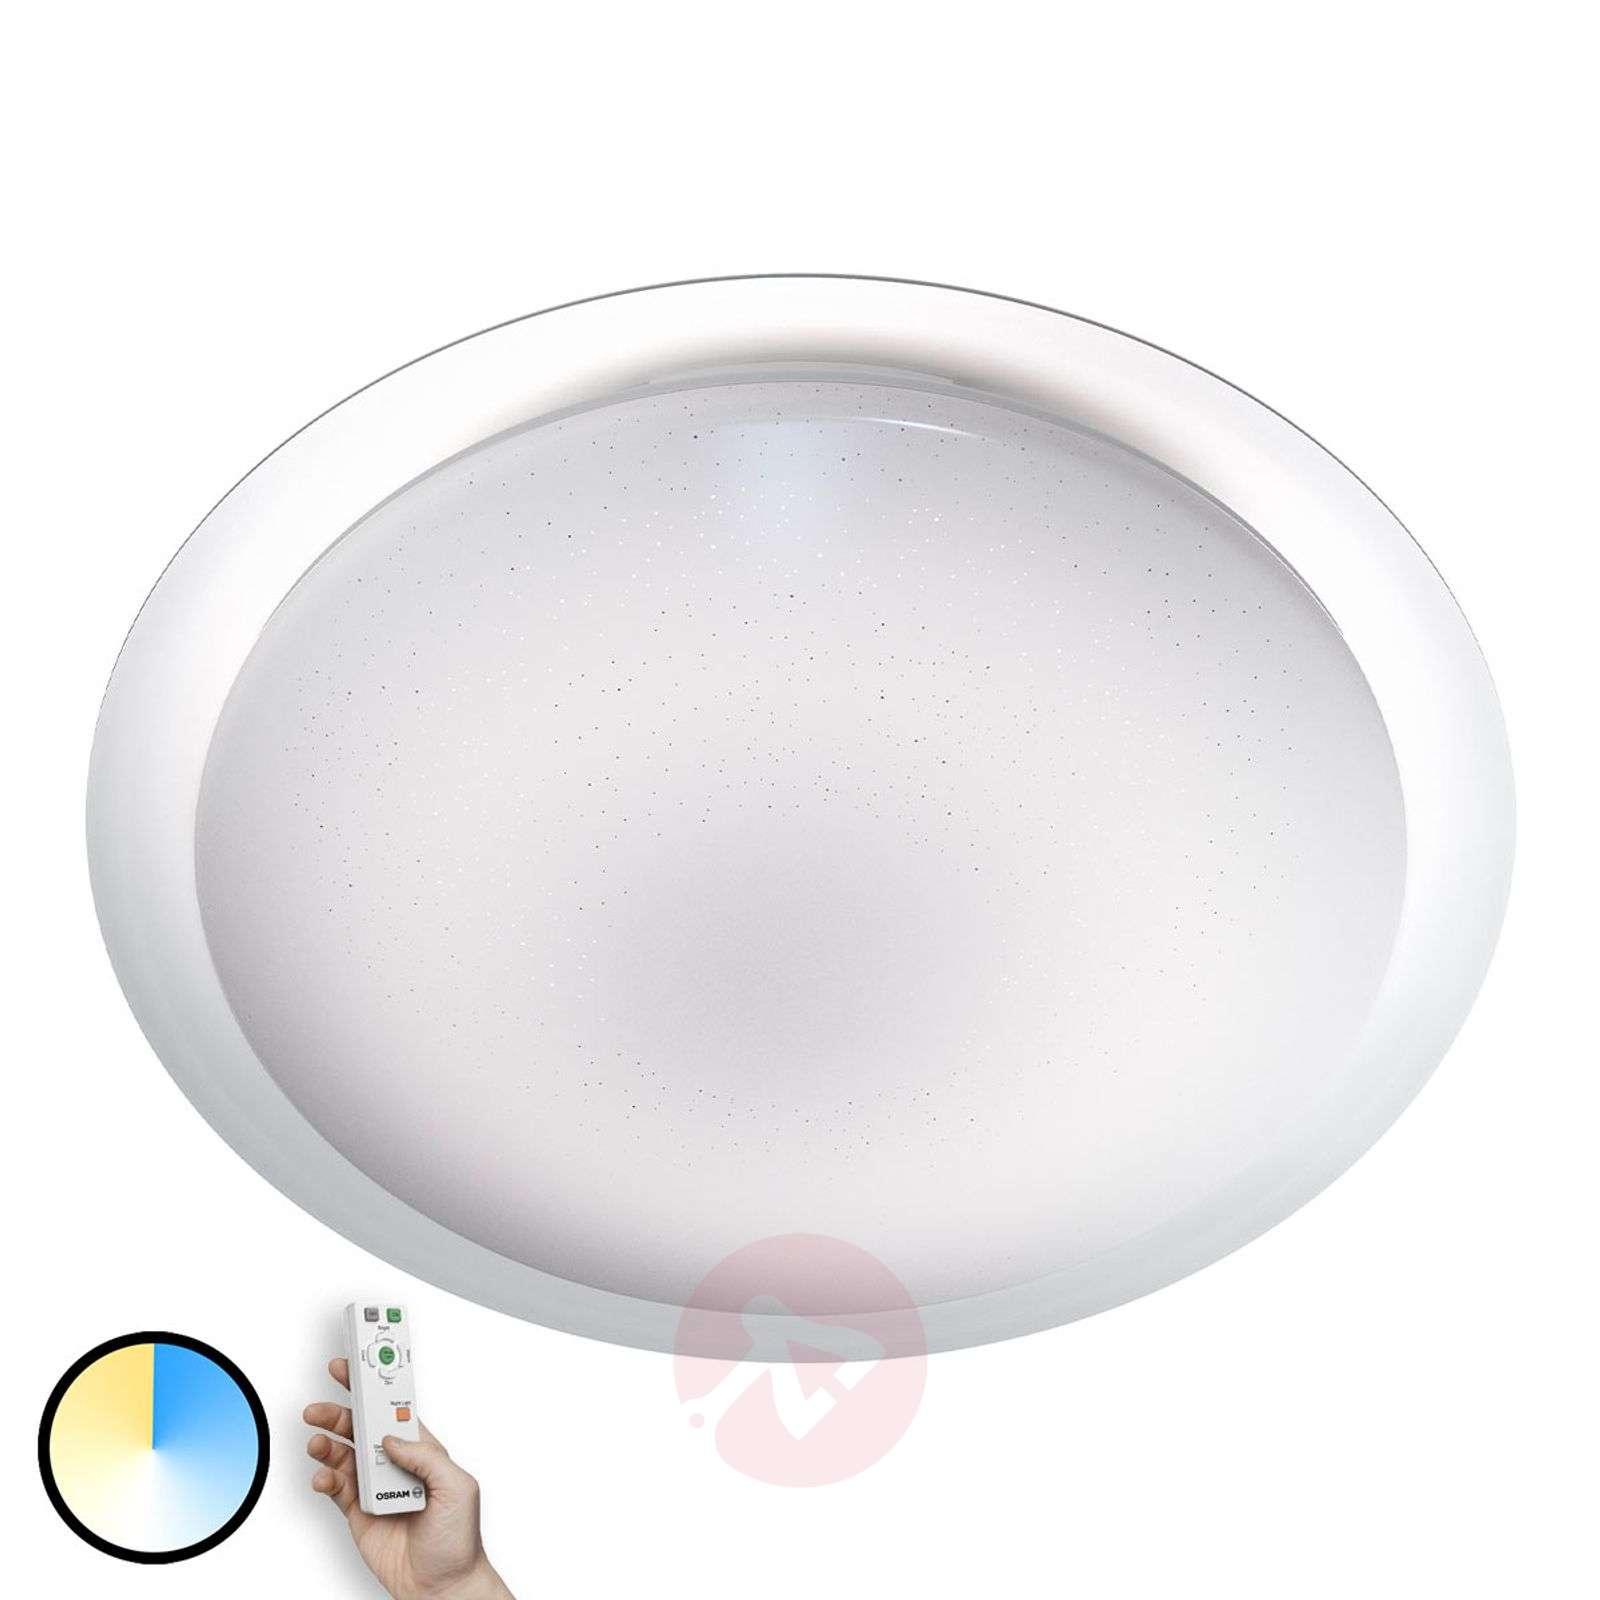 Glitter effect - LED ceiling light Orbis Sparkle